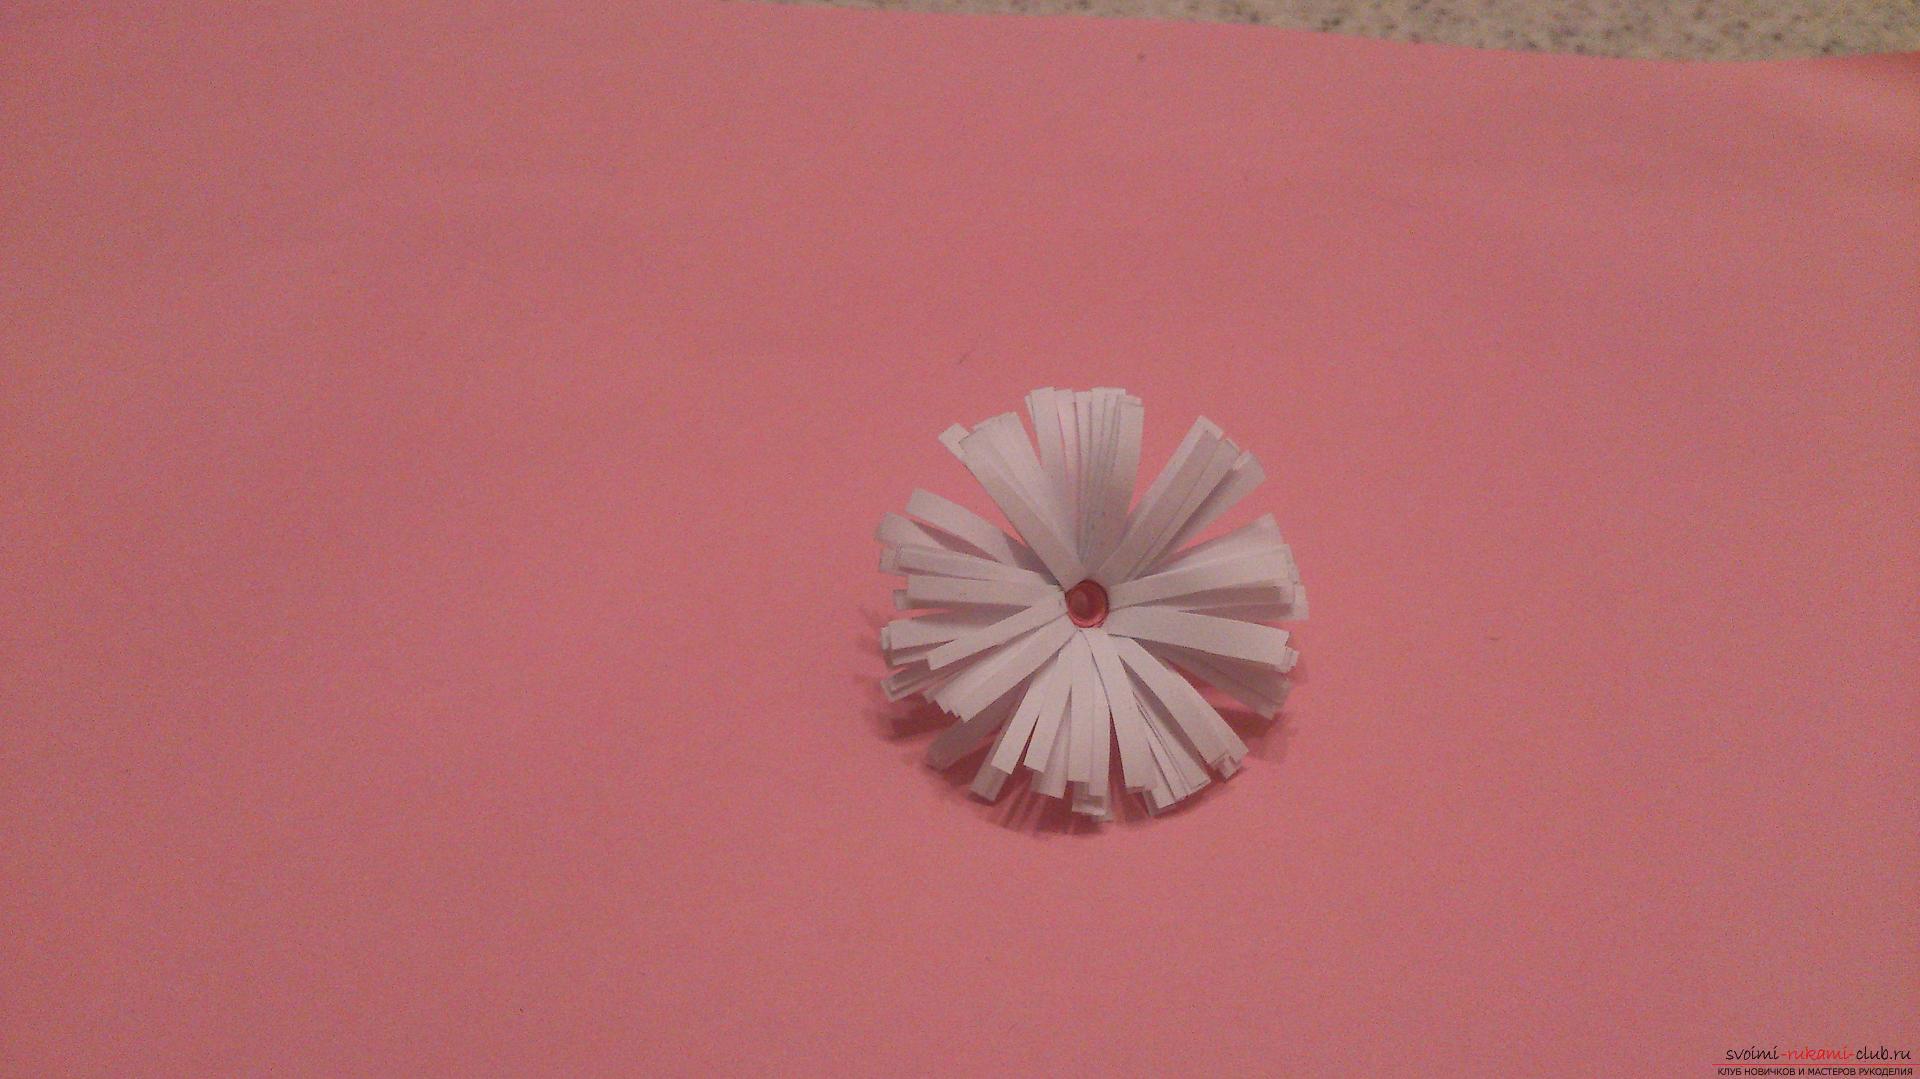 Поделки в технике бумагопластики очень разнообразны, предлагаем сделать картину из цветов, а цветы из бумаги изготовим своими руками.. Фото №21